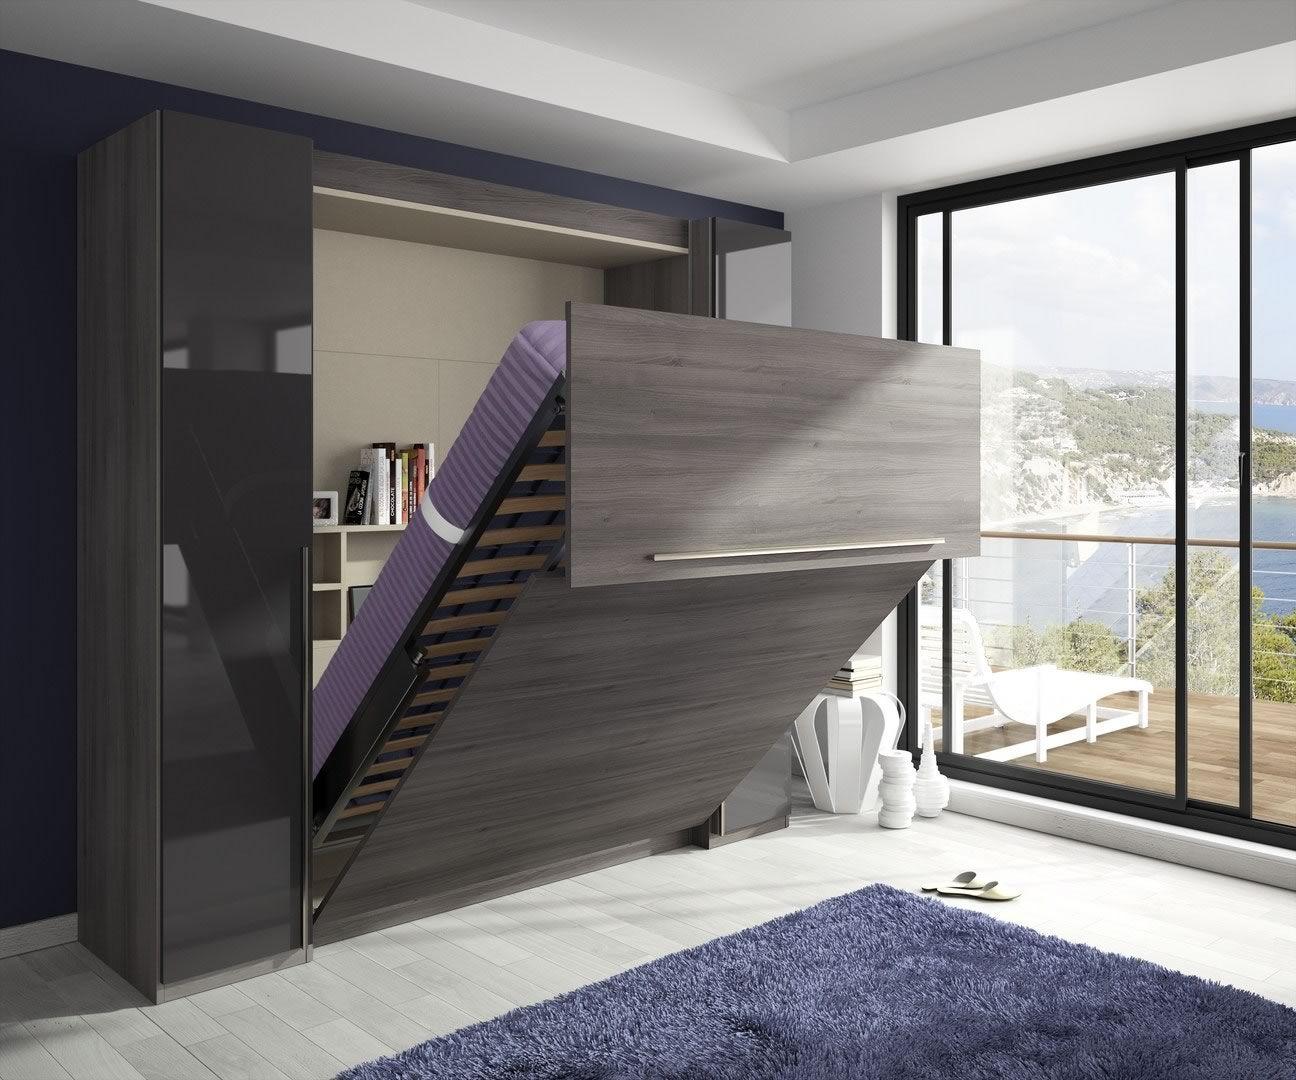 Appartement in utrecht met hoogslaper style work